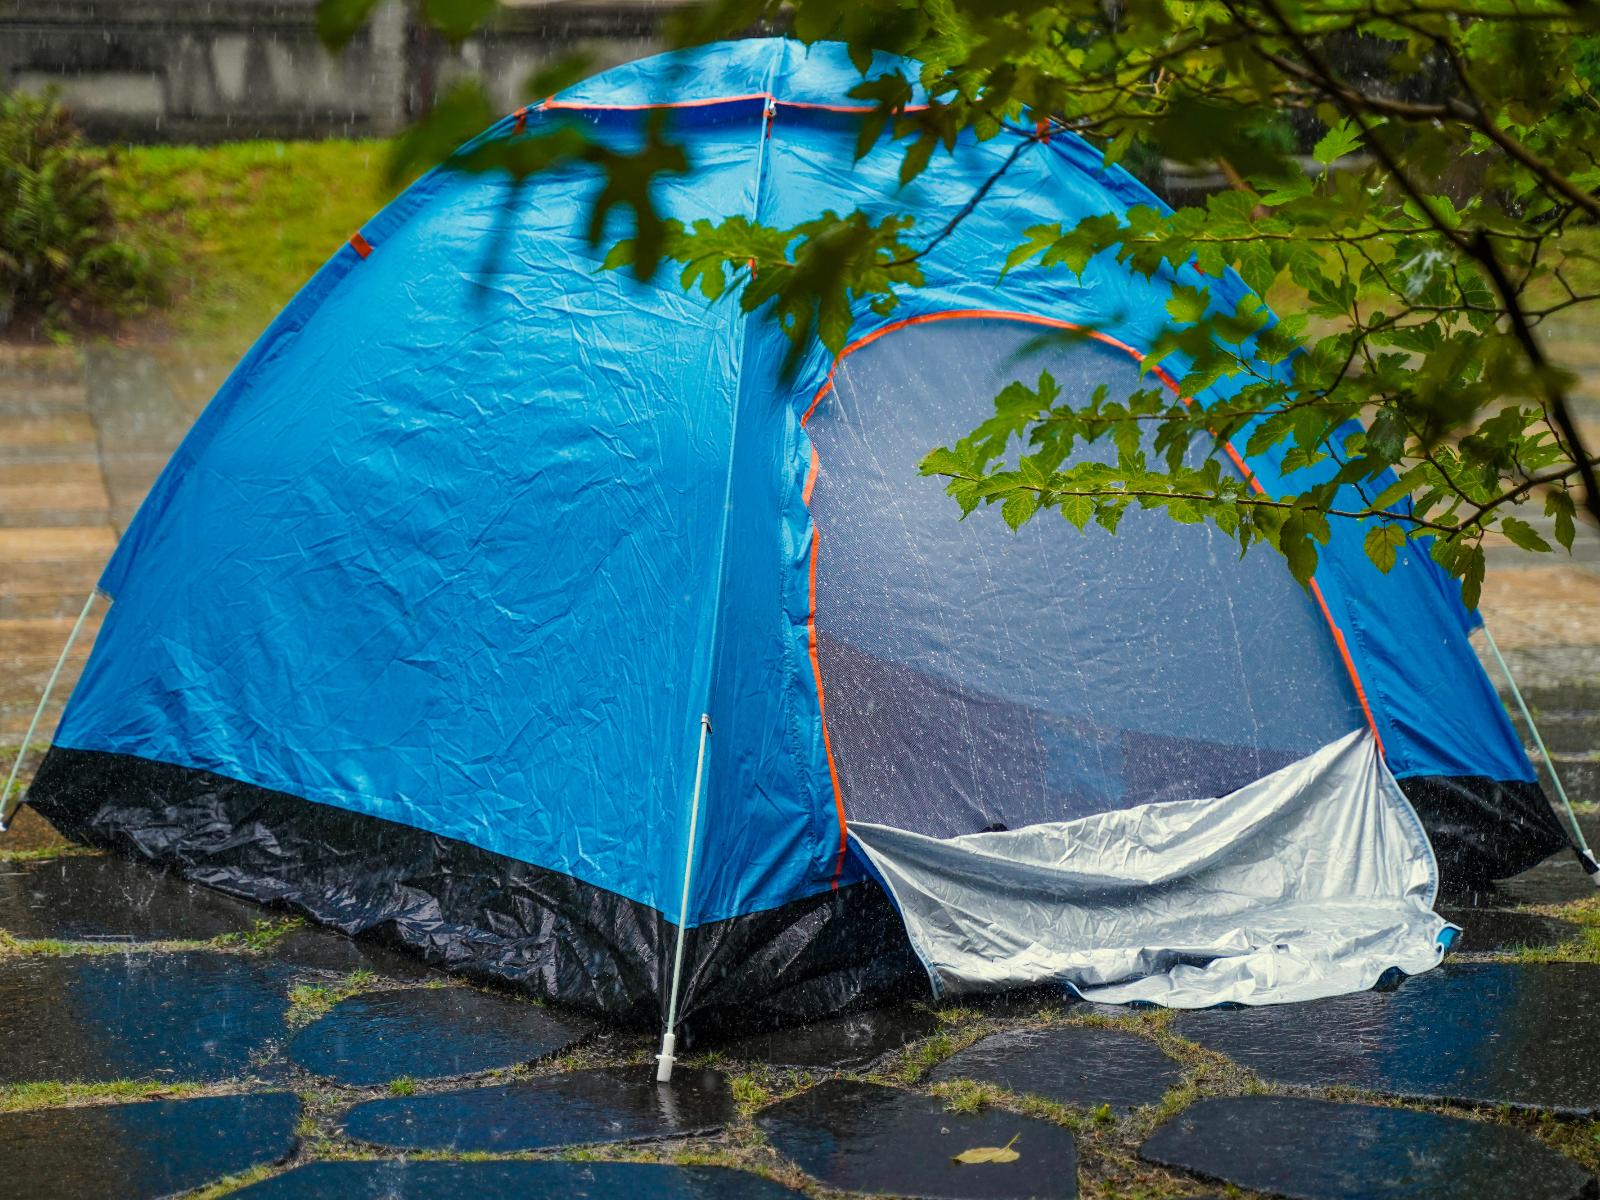 【帳篷收納】露營必備帳篷推薦|好收納、防水、超大空間開箱試用